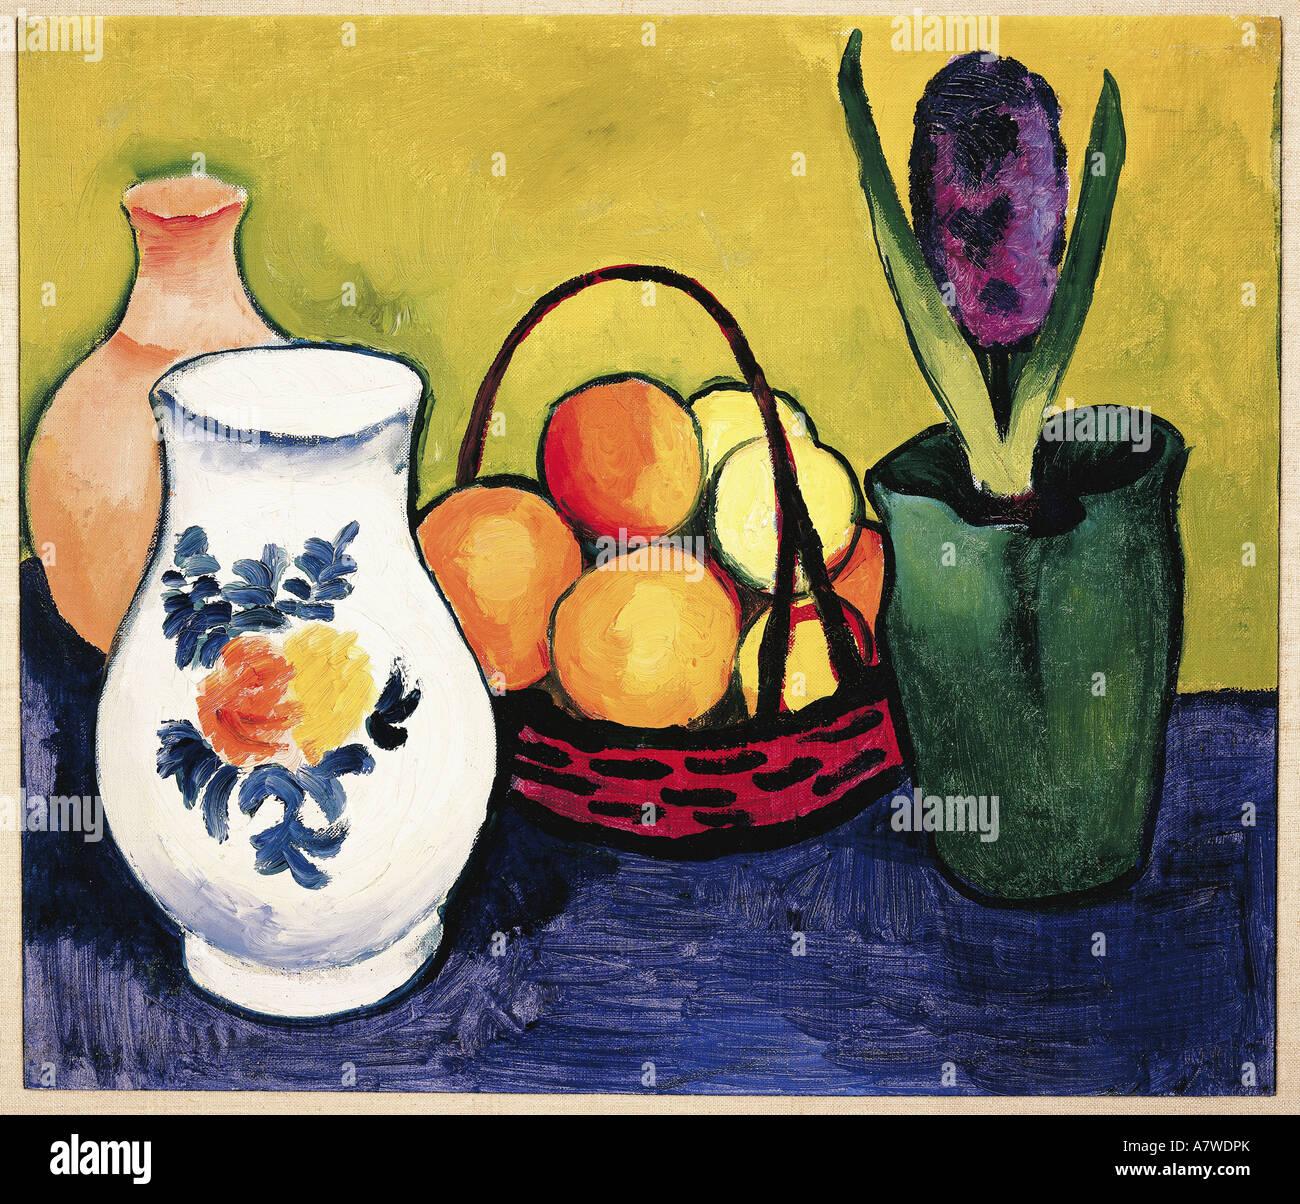 """Bildende Kunst, Macke, August (1887 - 1914), """"Weisser Krug mit Blumen und Früchten"""", Malerei, Tegernsee, 1910, Öl Stockfoto"""